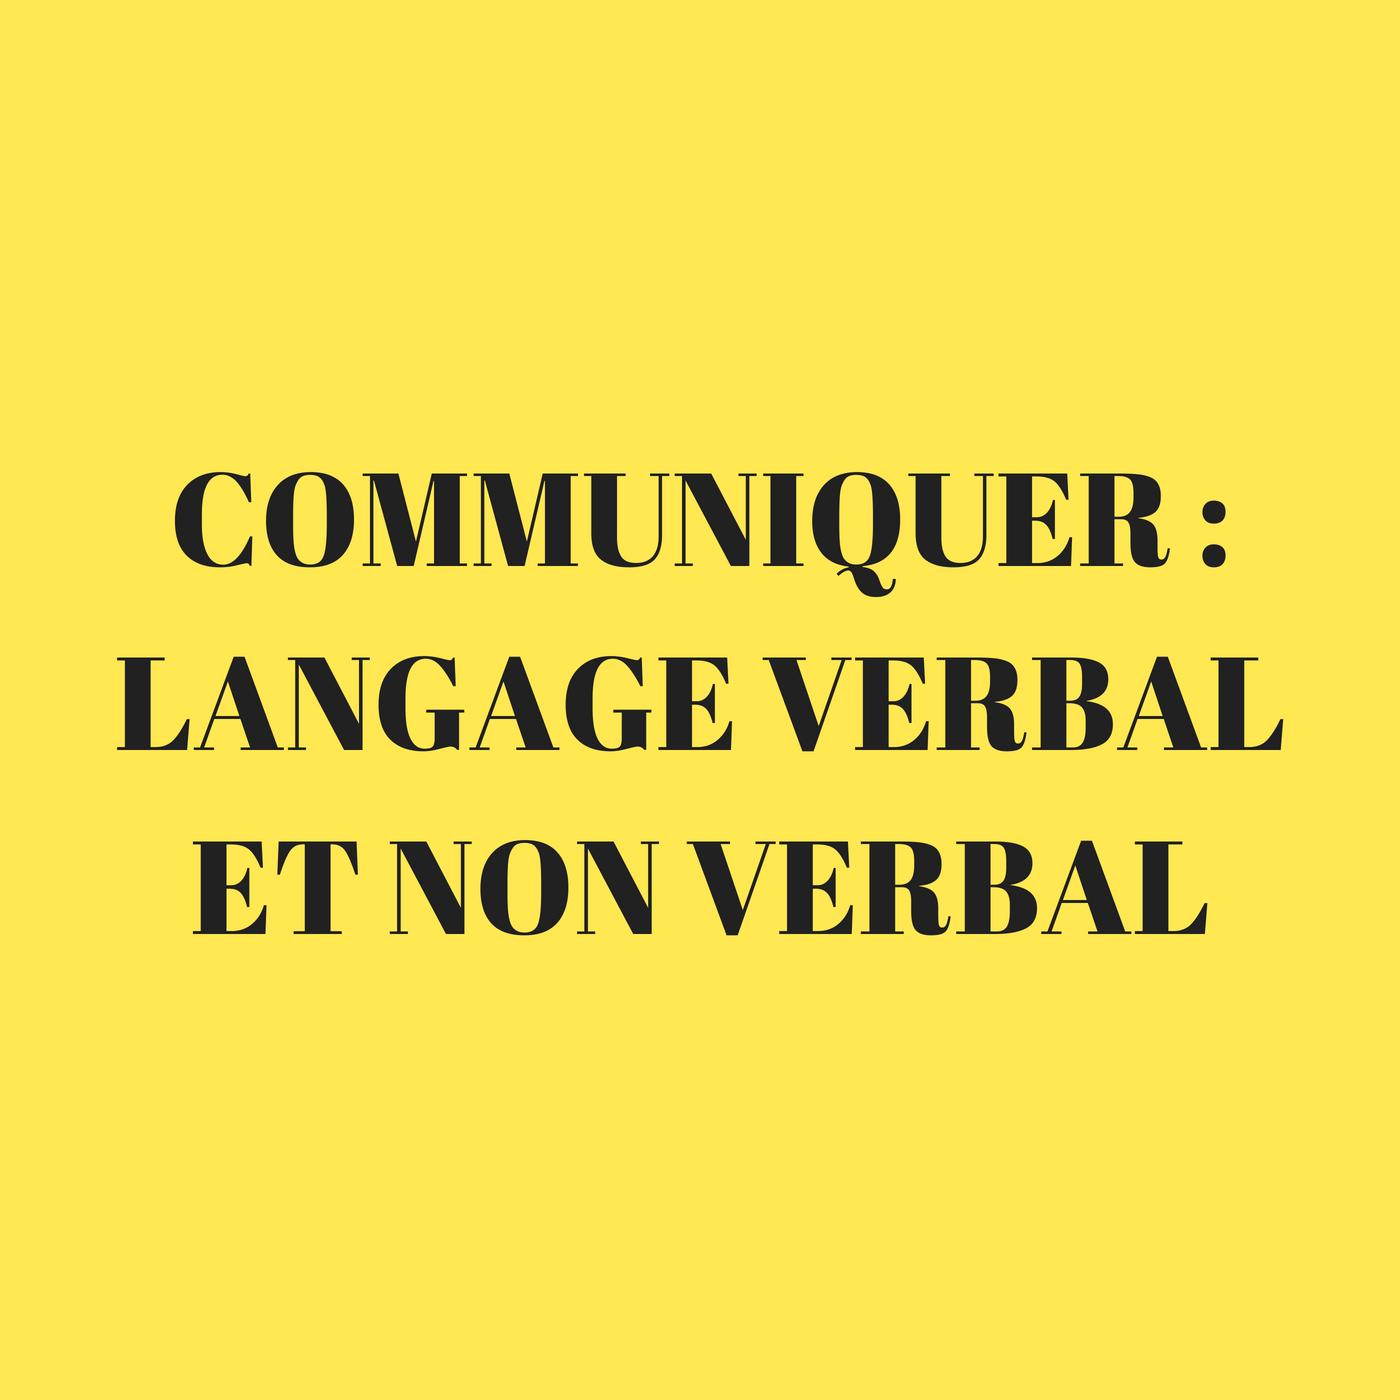 Communiquer : Langage verbal et non verbal